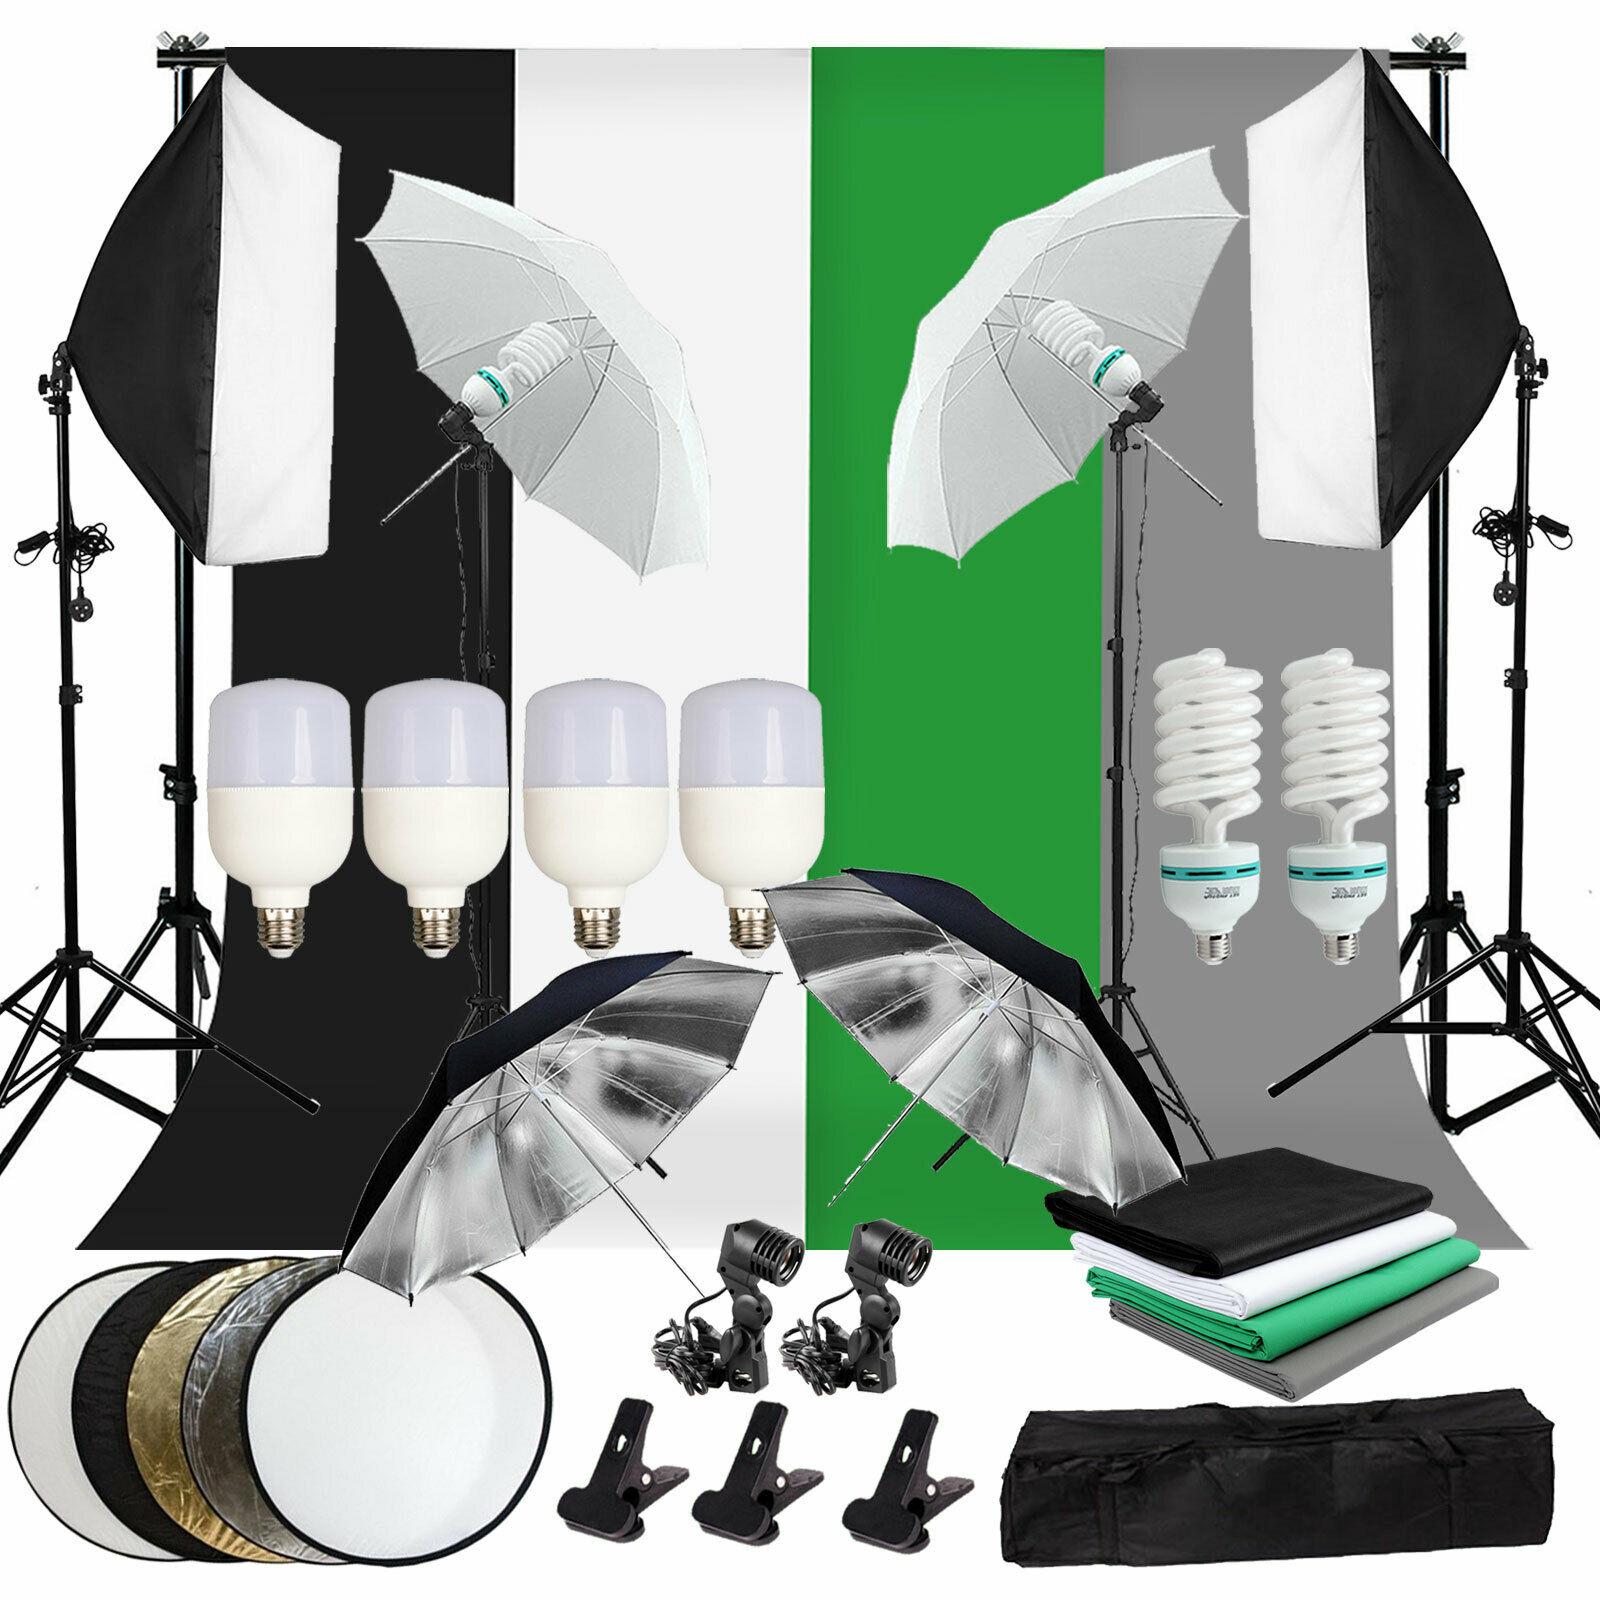 ZUOCHEN Photo Studio LED Softbox parapluie éclairage Kit fond Support Support Support toile de fond